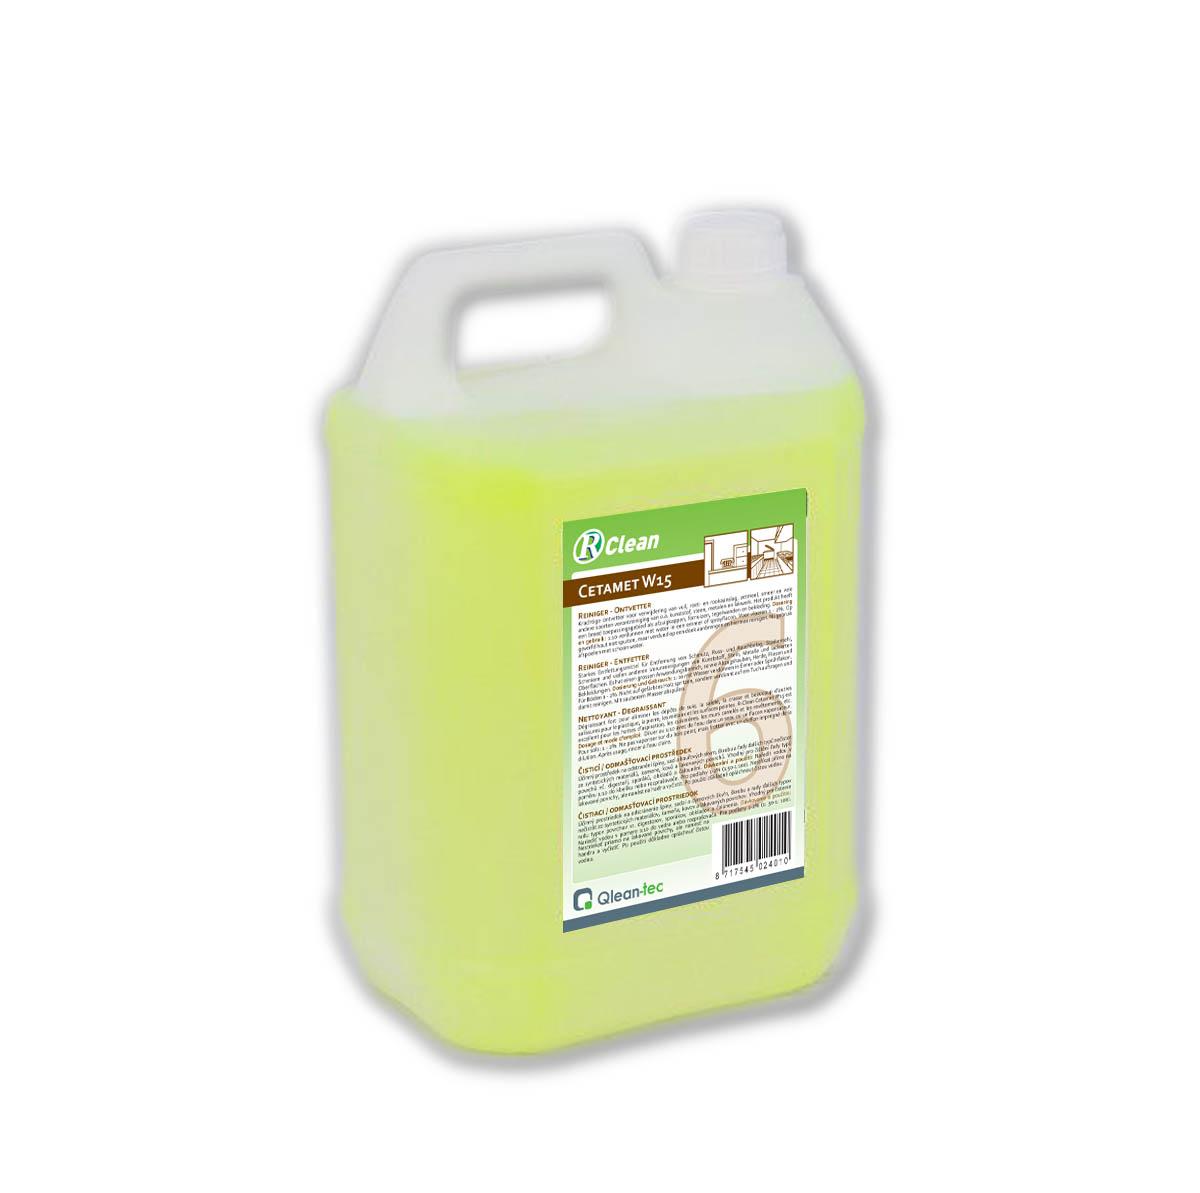 R-Clean Cetamet W 15 - Čisticí přípravky pro kuchyně, restaurace a do myček nádobí